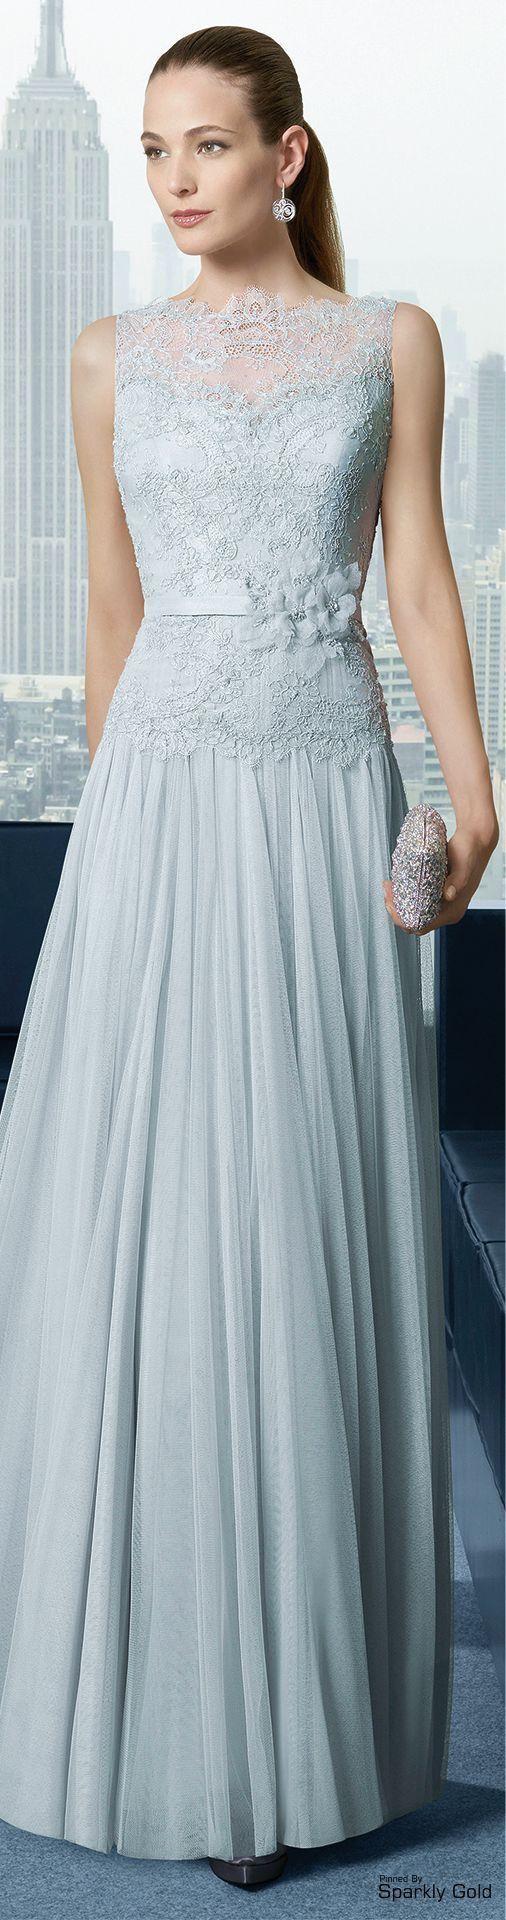 שמלה לבר מצוה